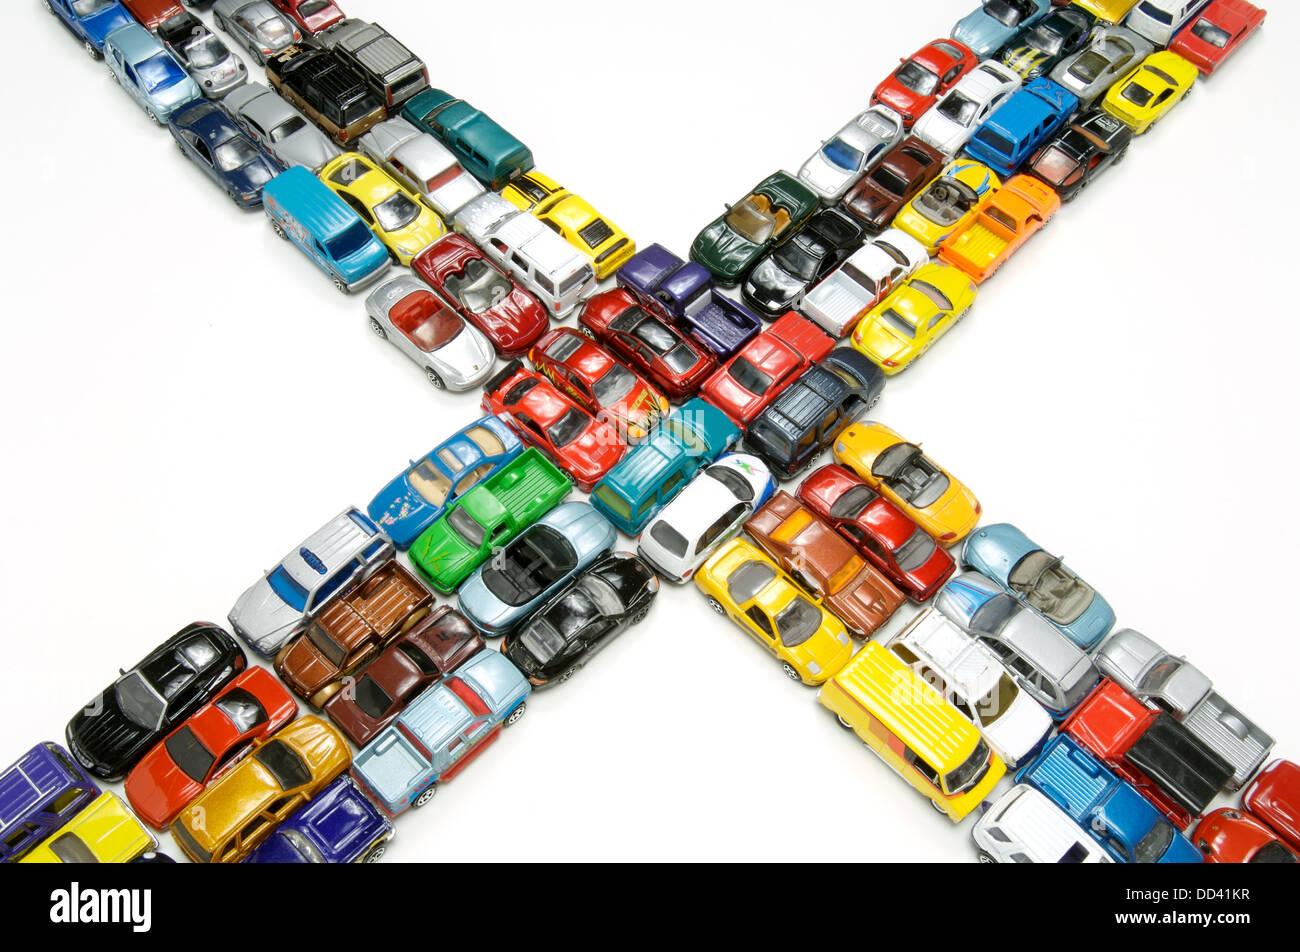 Un atasco de tráfico de coches de juguete en miniatura en una intersección. Imagen De Stock